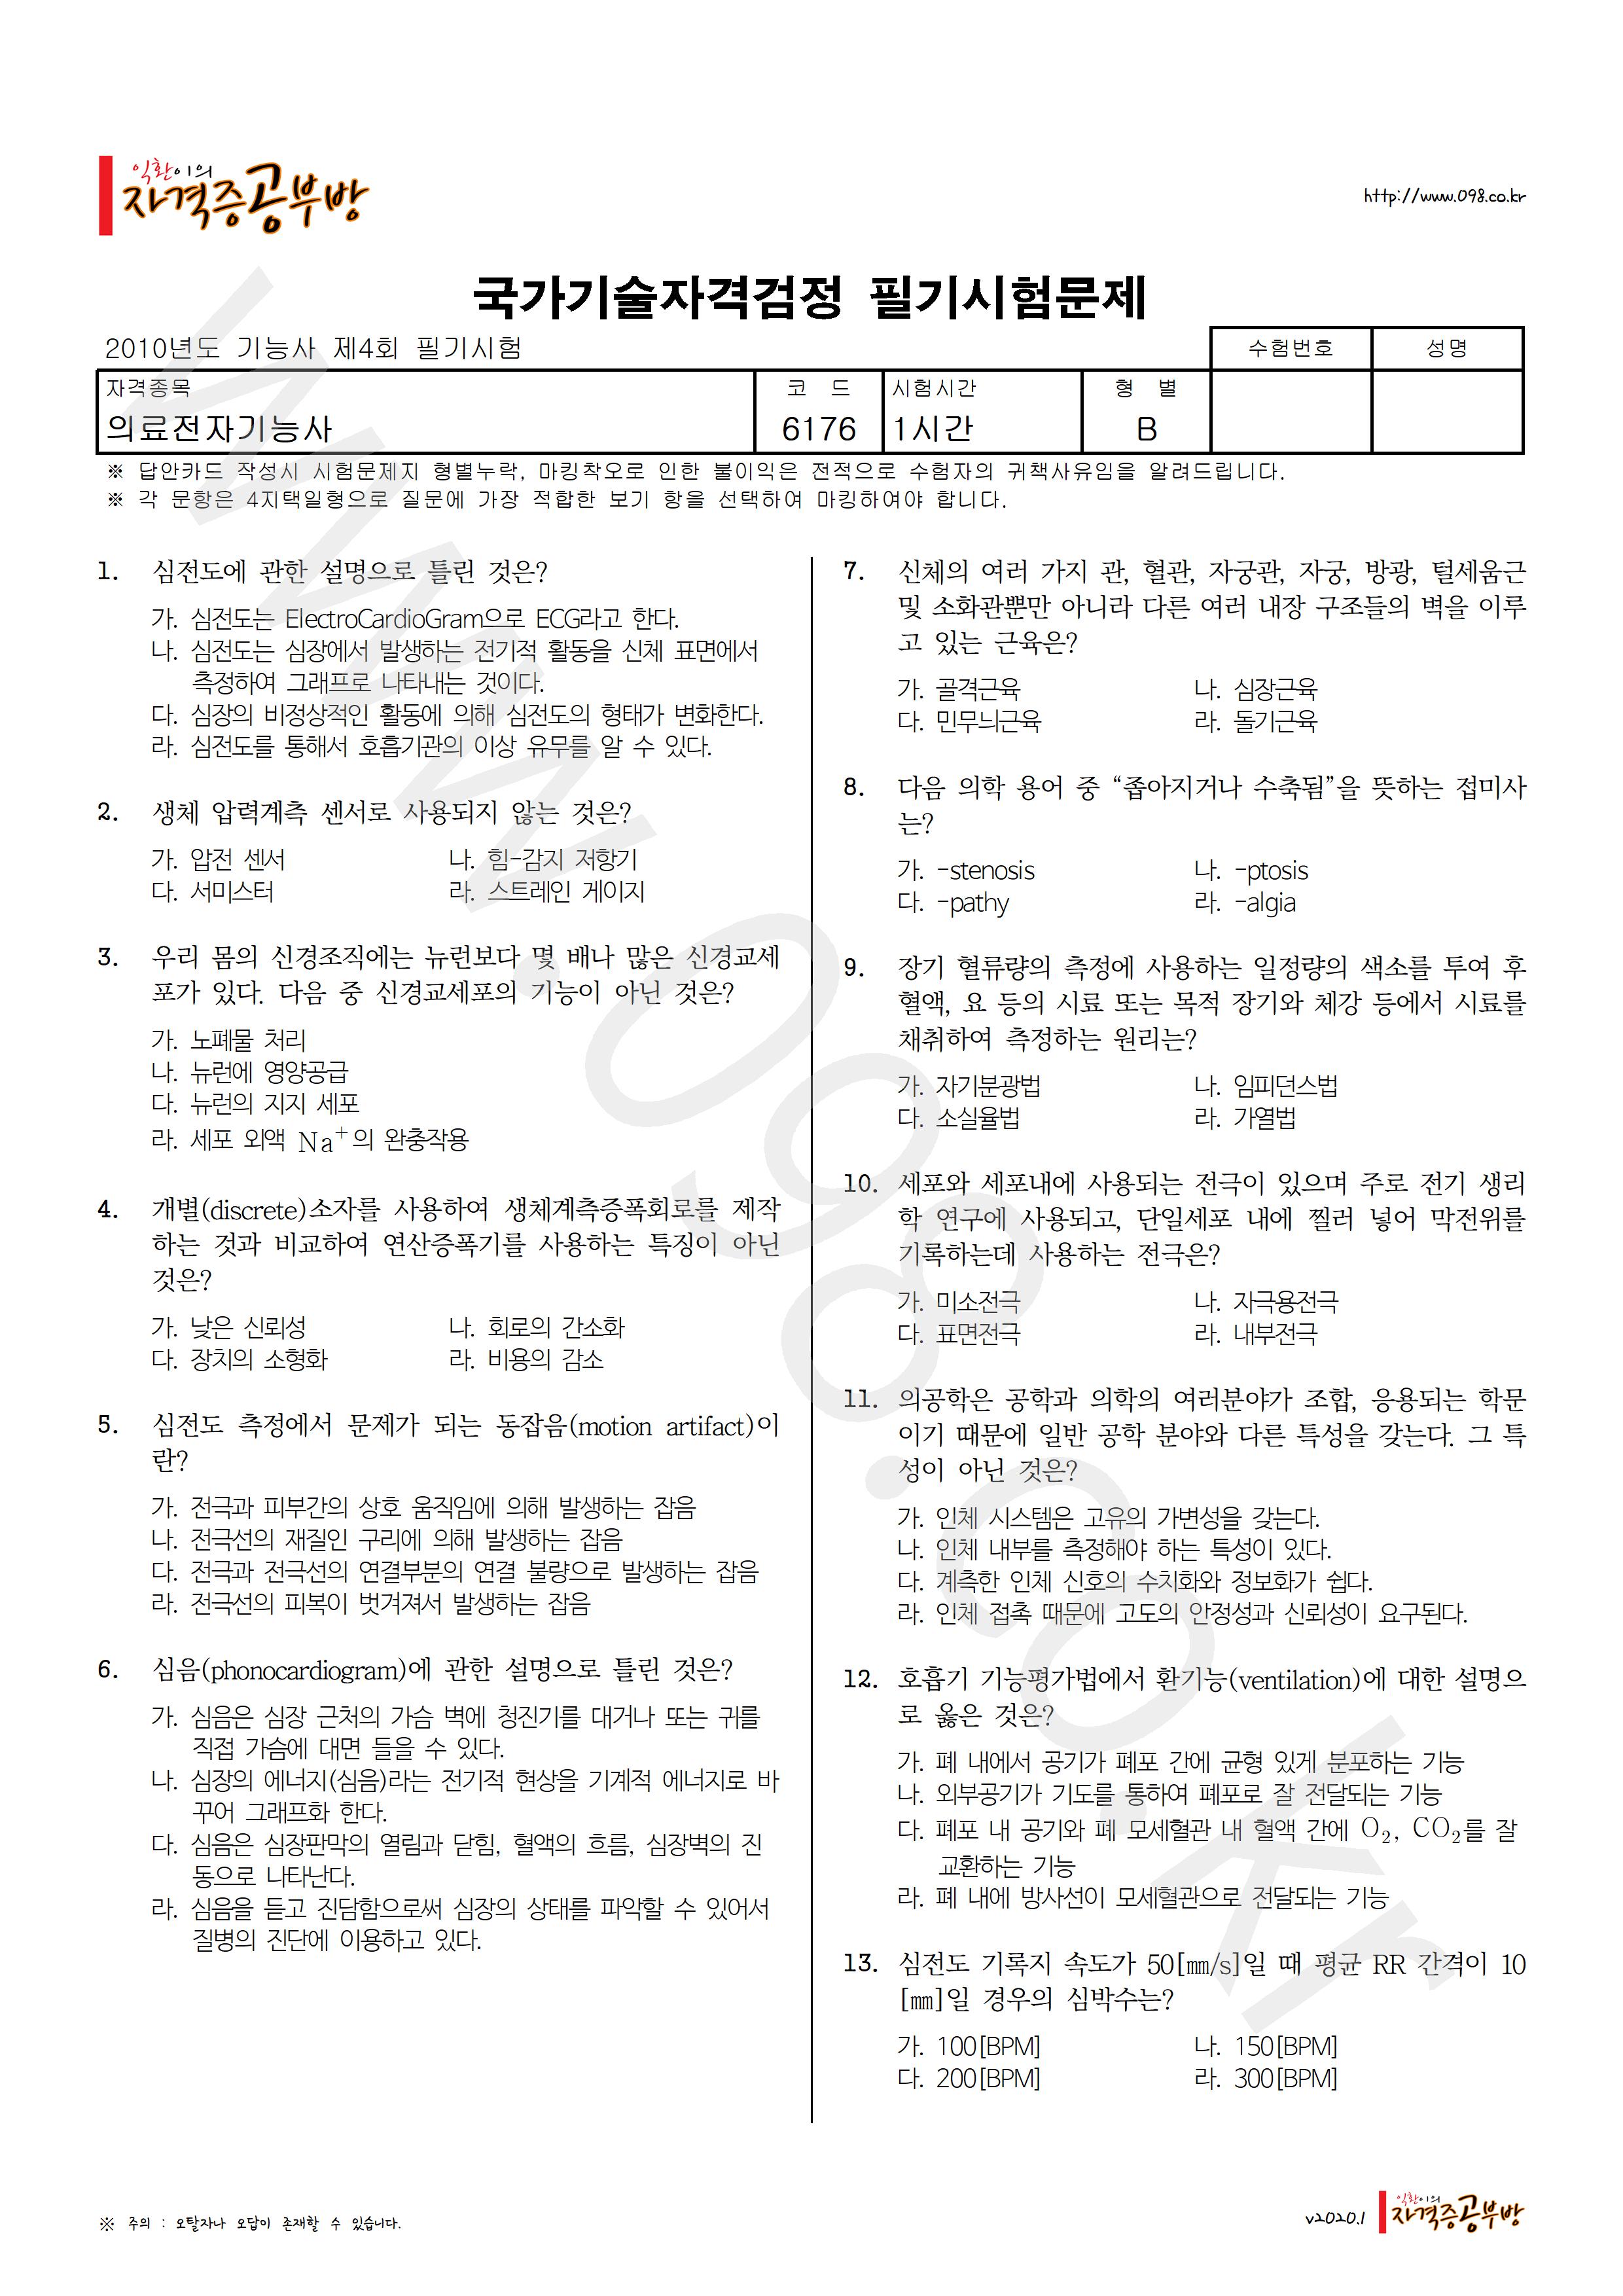 의료전자기능사 2010년 제4회 B형 필기시험 기출문제